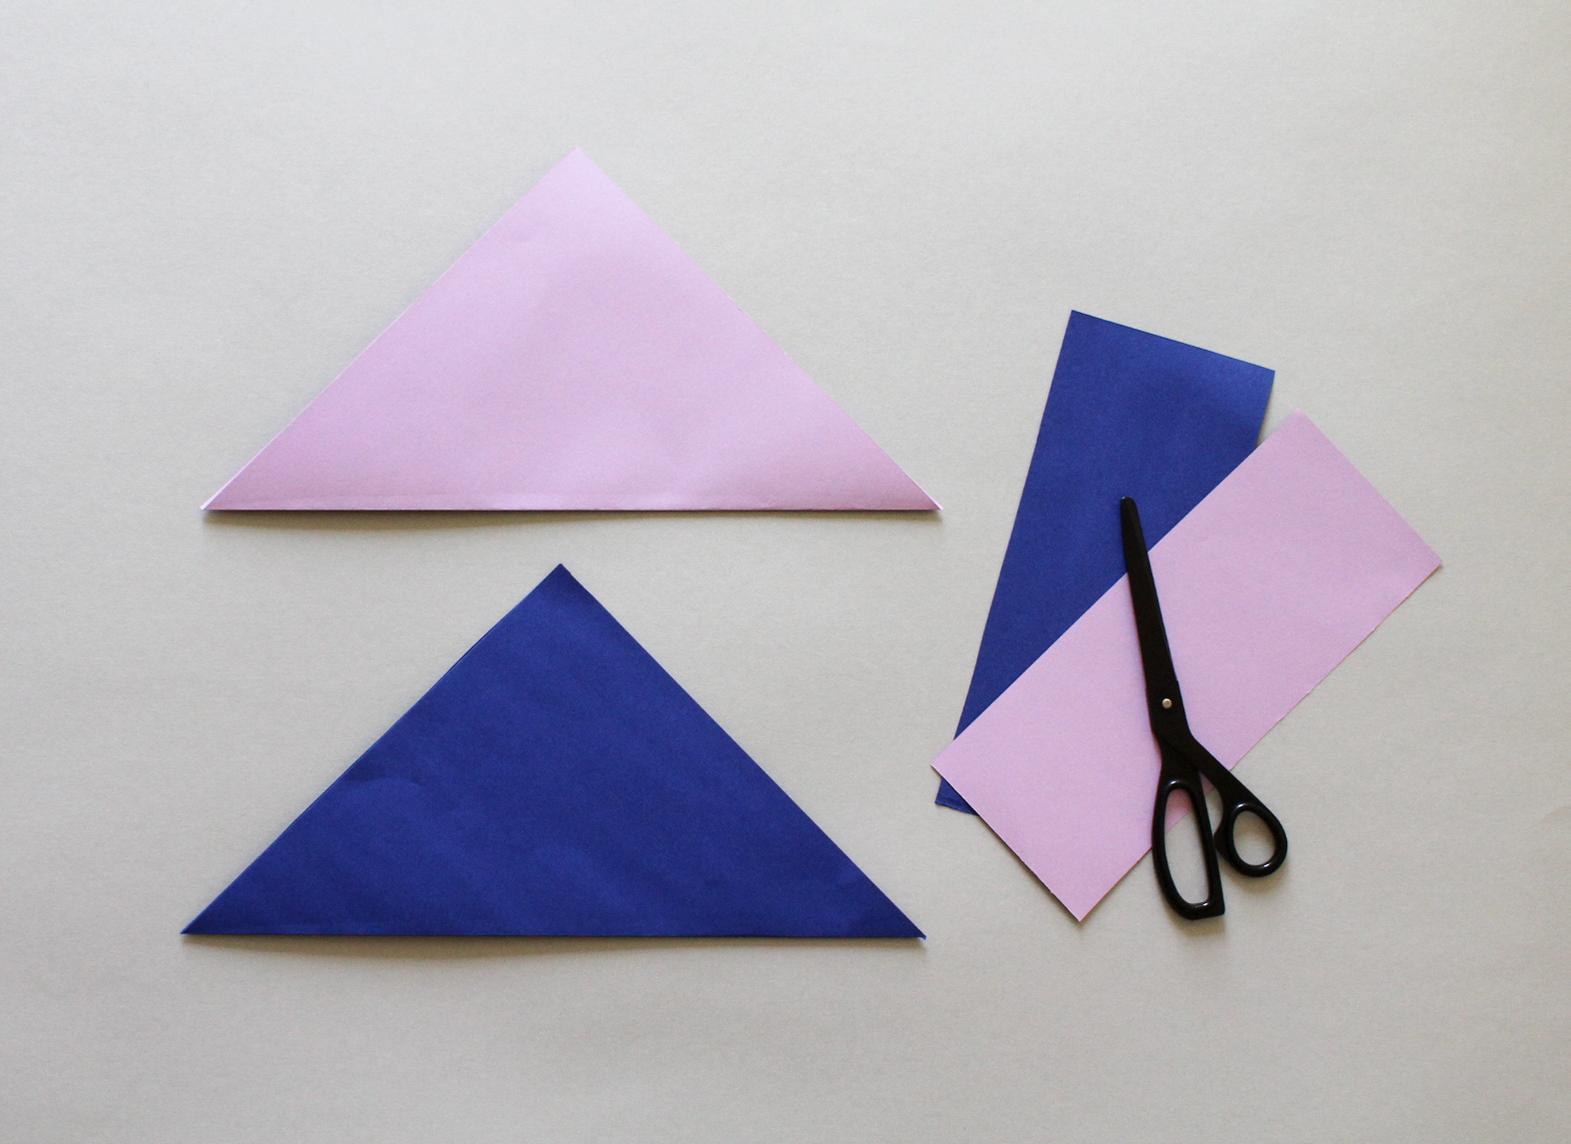 Fang-Spiel aus Papier basteln